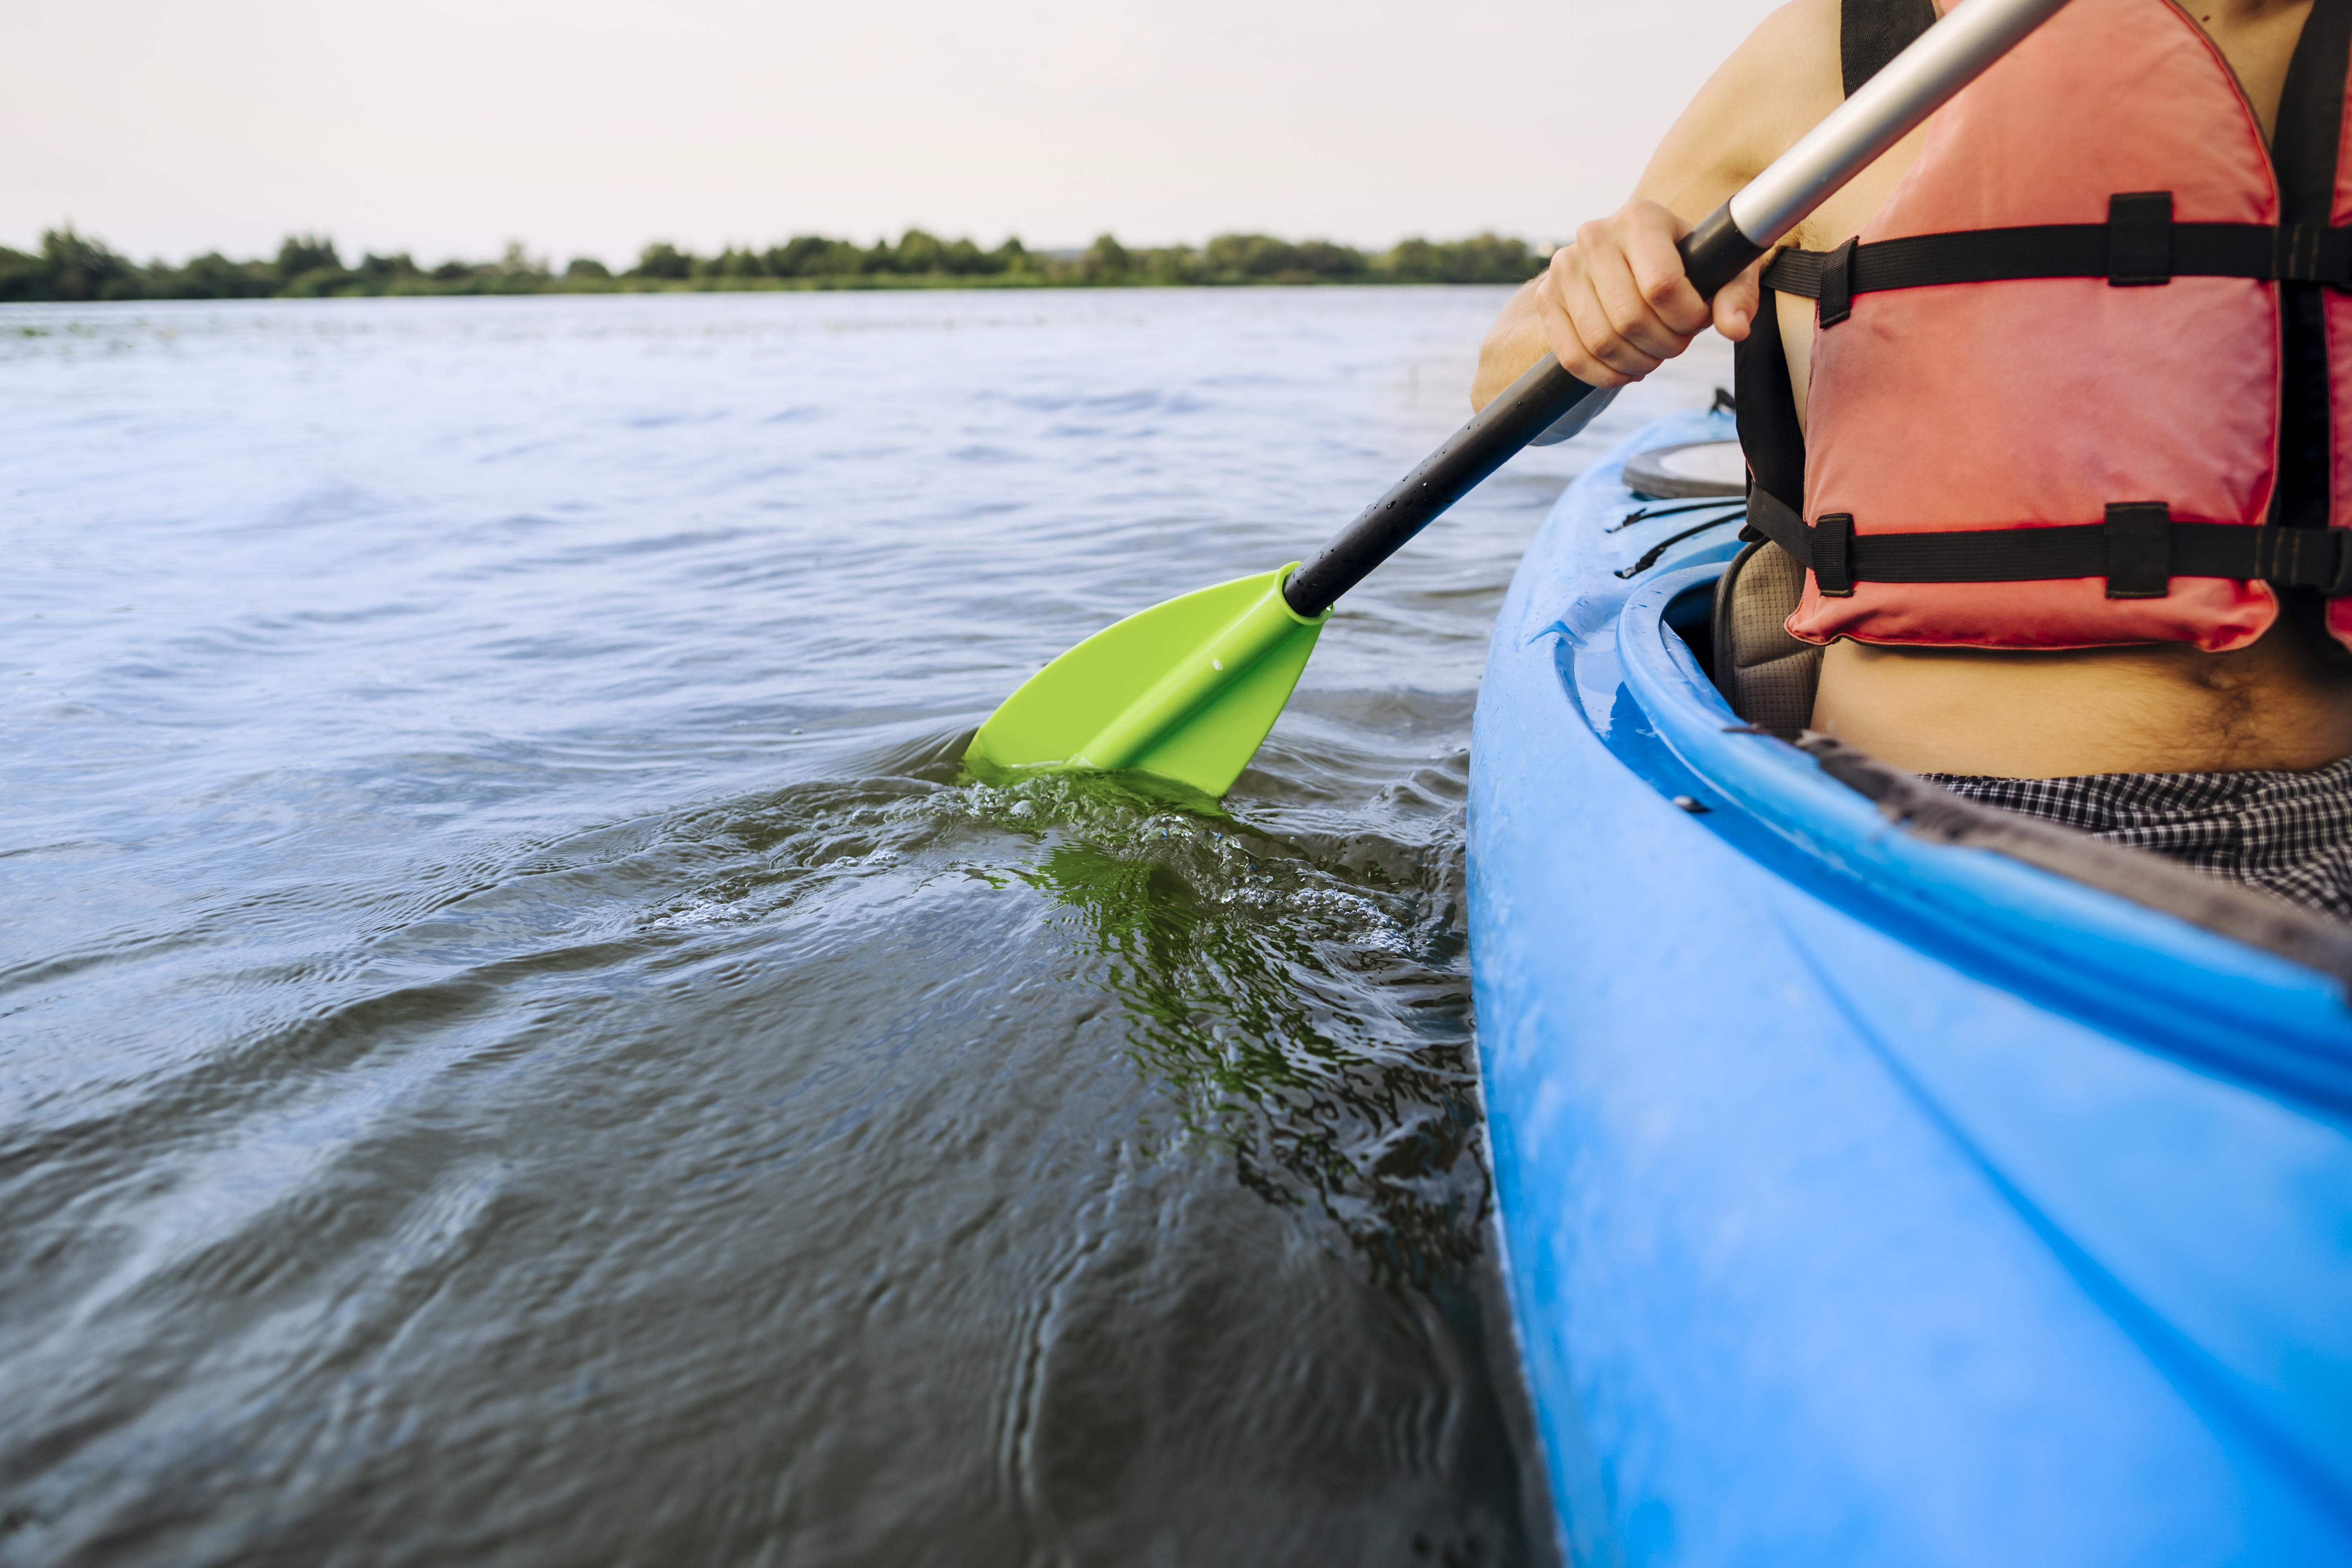 kayaking in pune